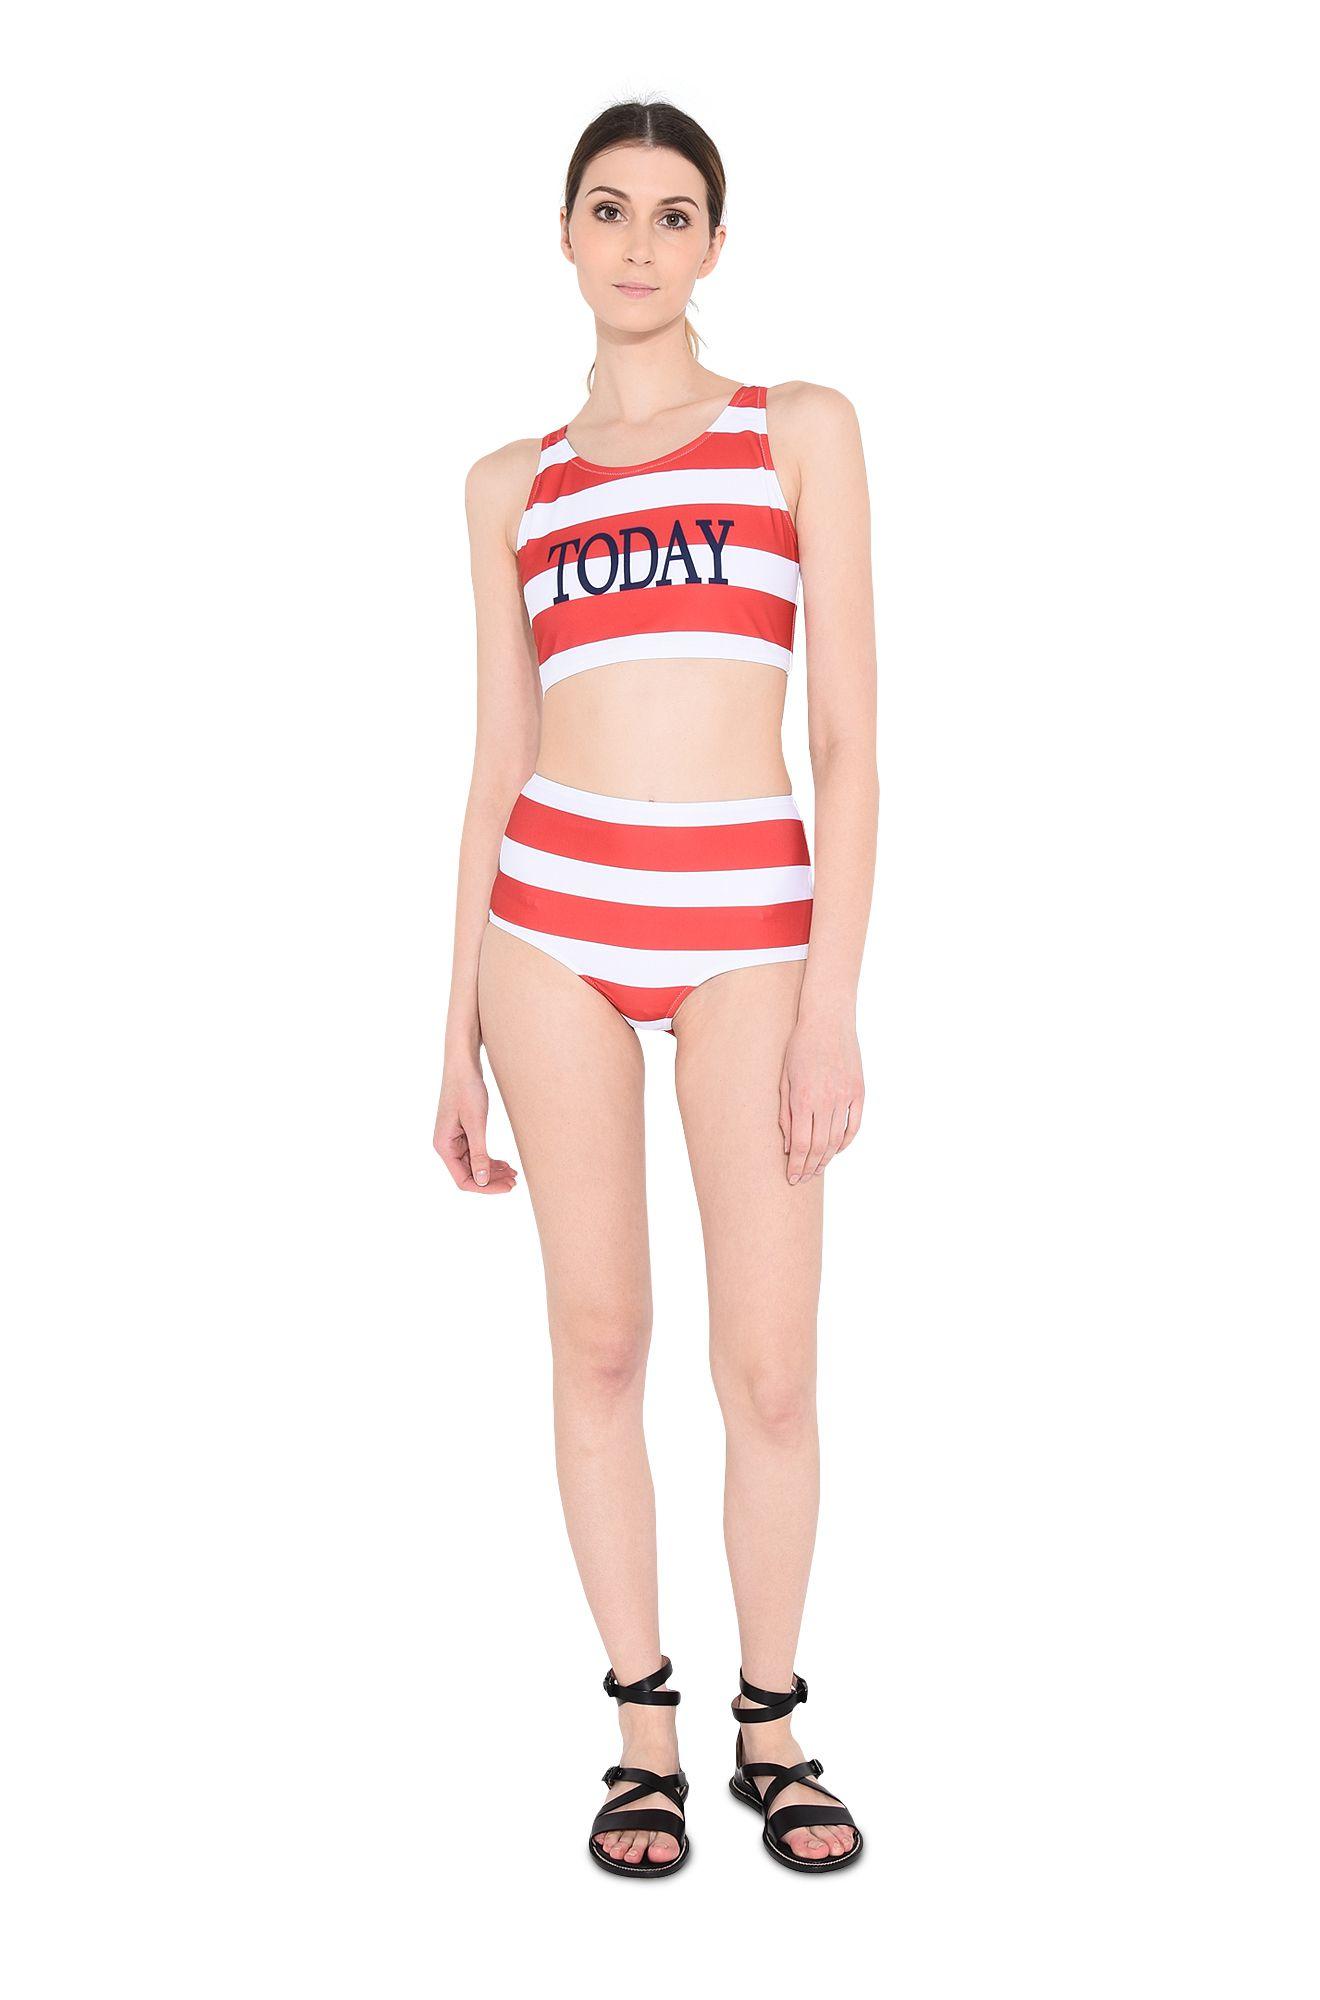 Today bikini